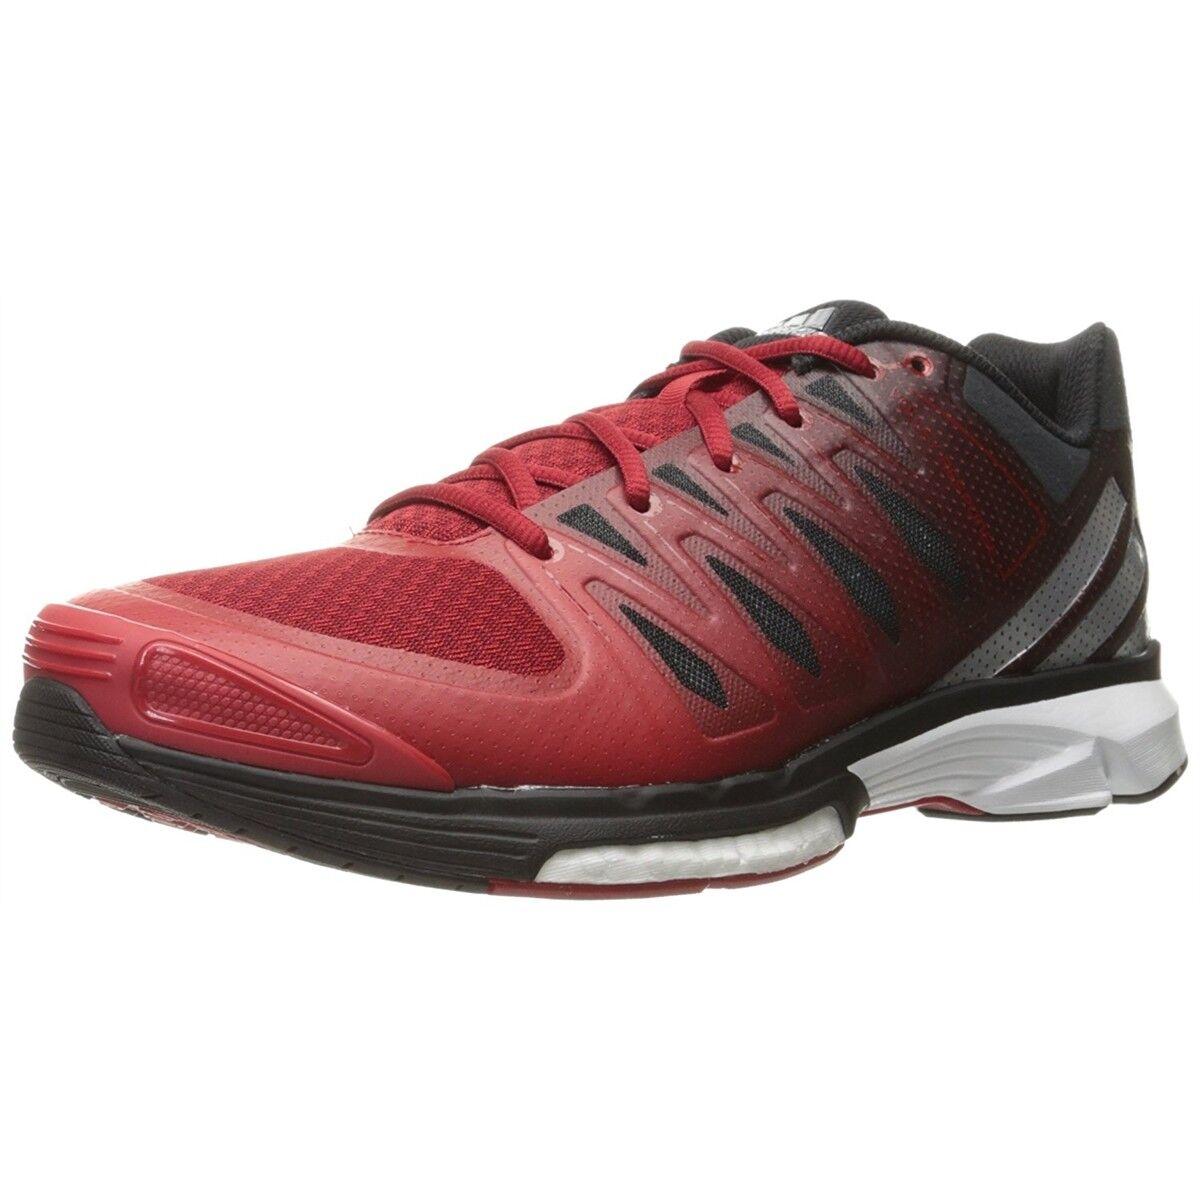 Calzado atlético adidas mujer Volley respuesta 2 2 2 W Potencia Rojo para vóleibol  venta con alto descuento